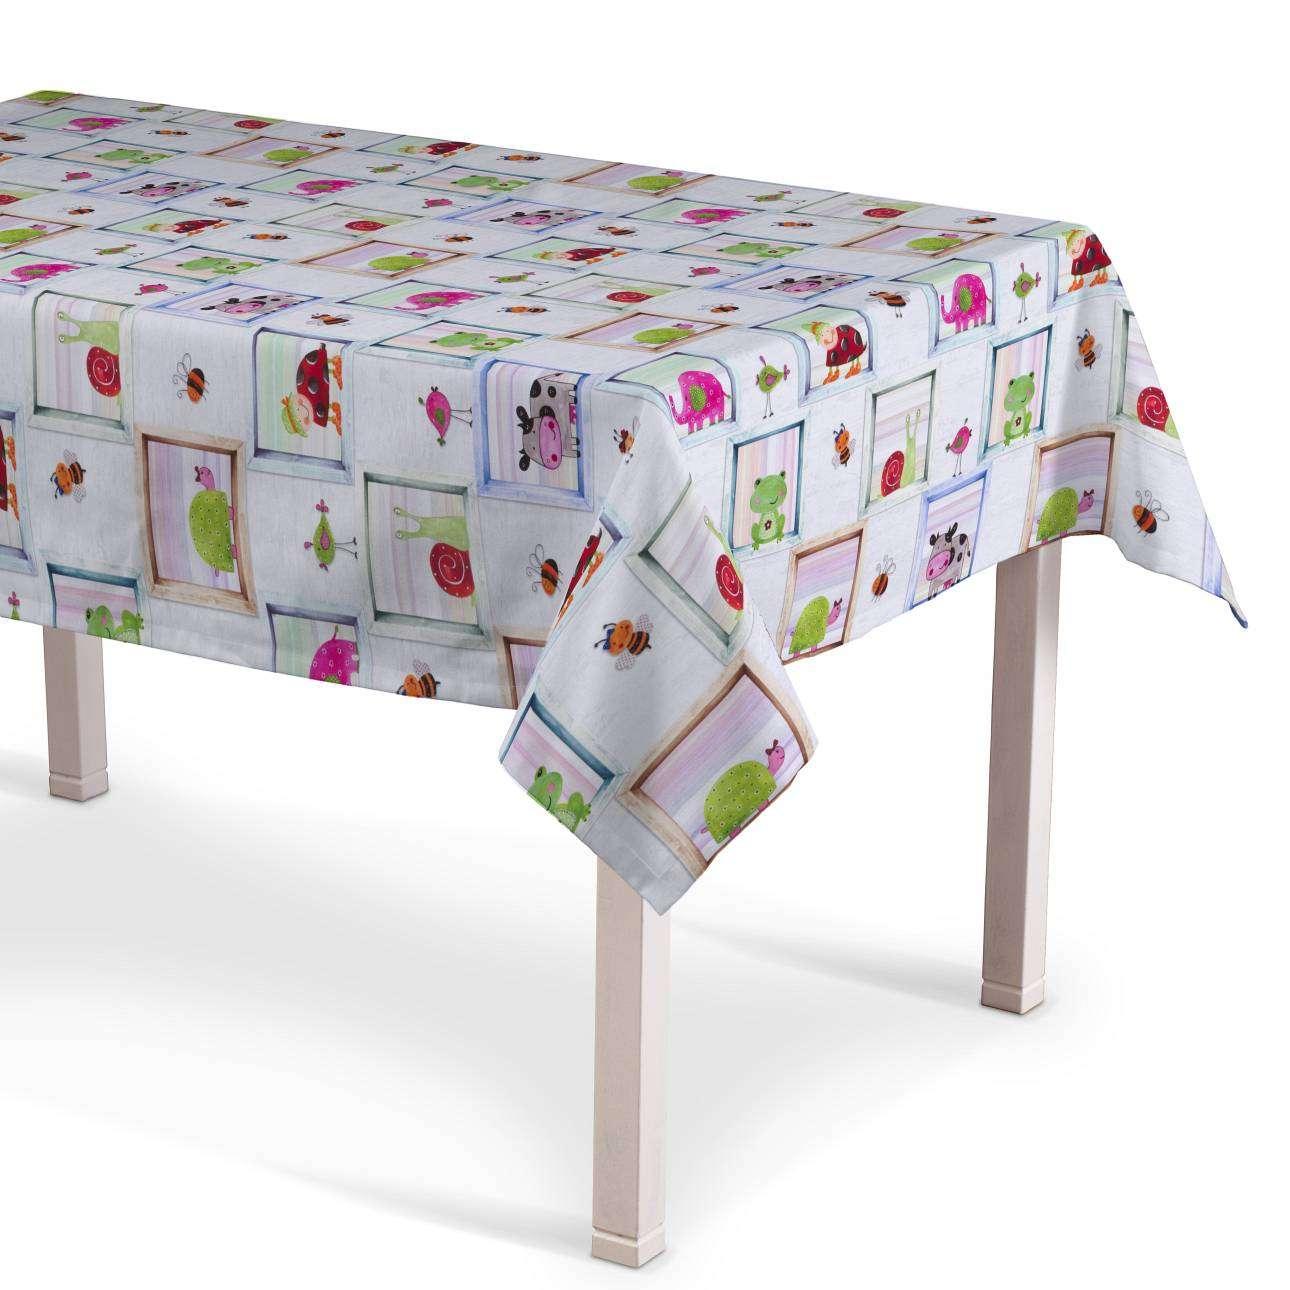 Obrus na stôl obdĺžnikový 130 x 130 cm V kolekcii Apanona, tkanina: 151-04